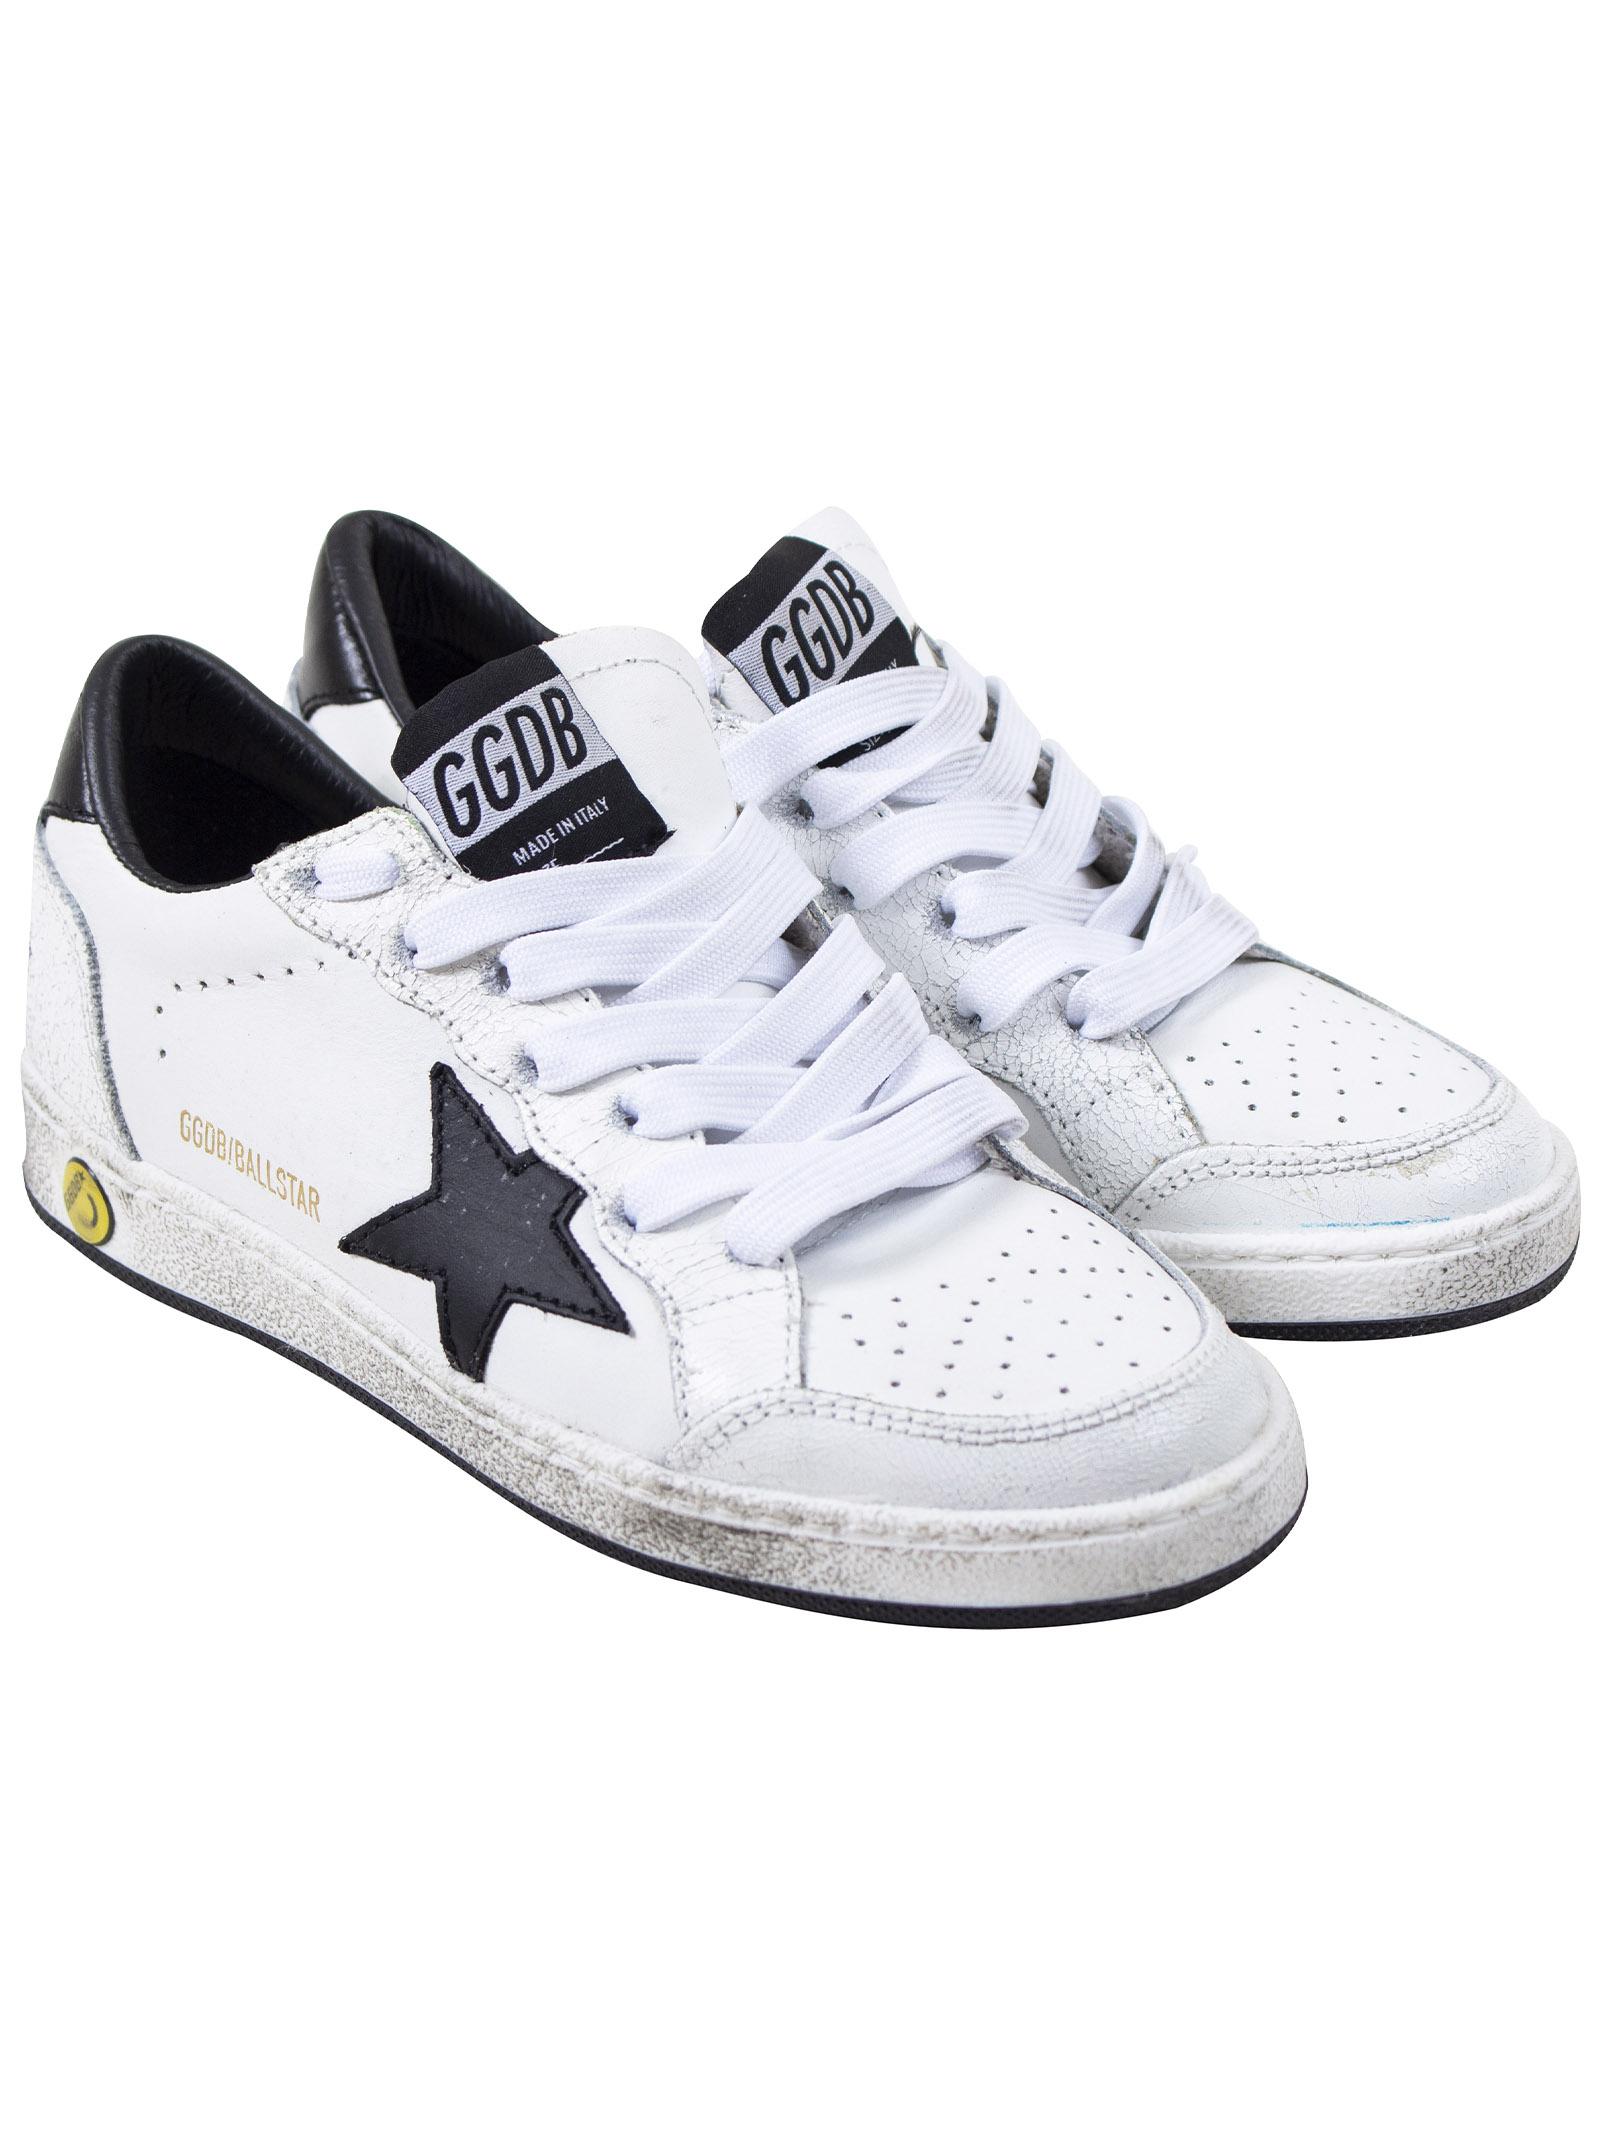 Ballstar child sneakers - GOLDEN GOOSE